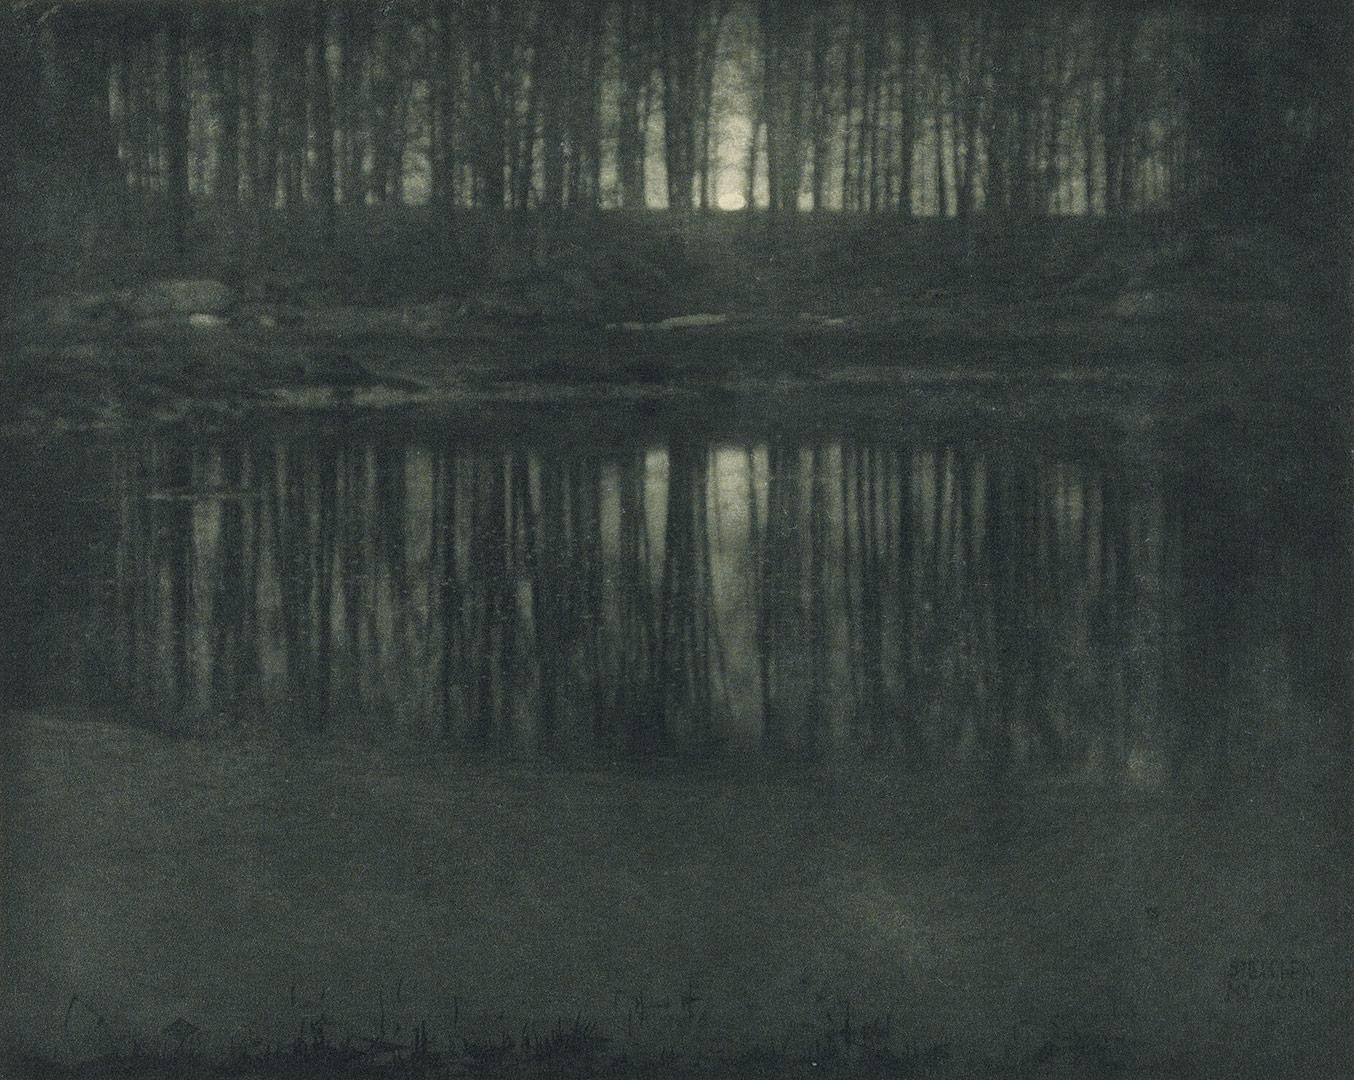 time-100-influential-photos-edward-steichen-moonlight-pond-10.jpg